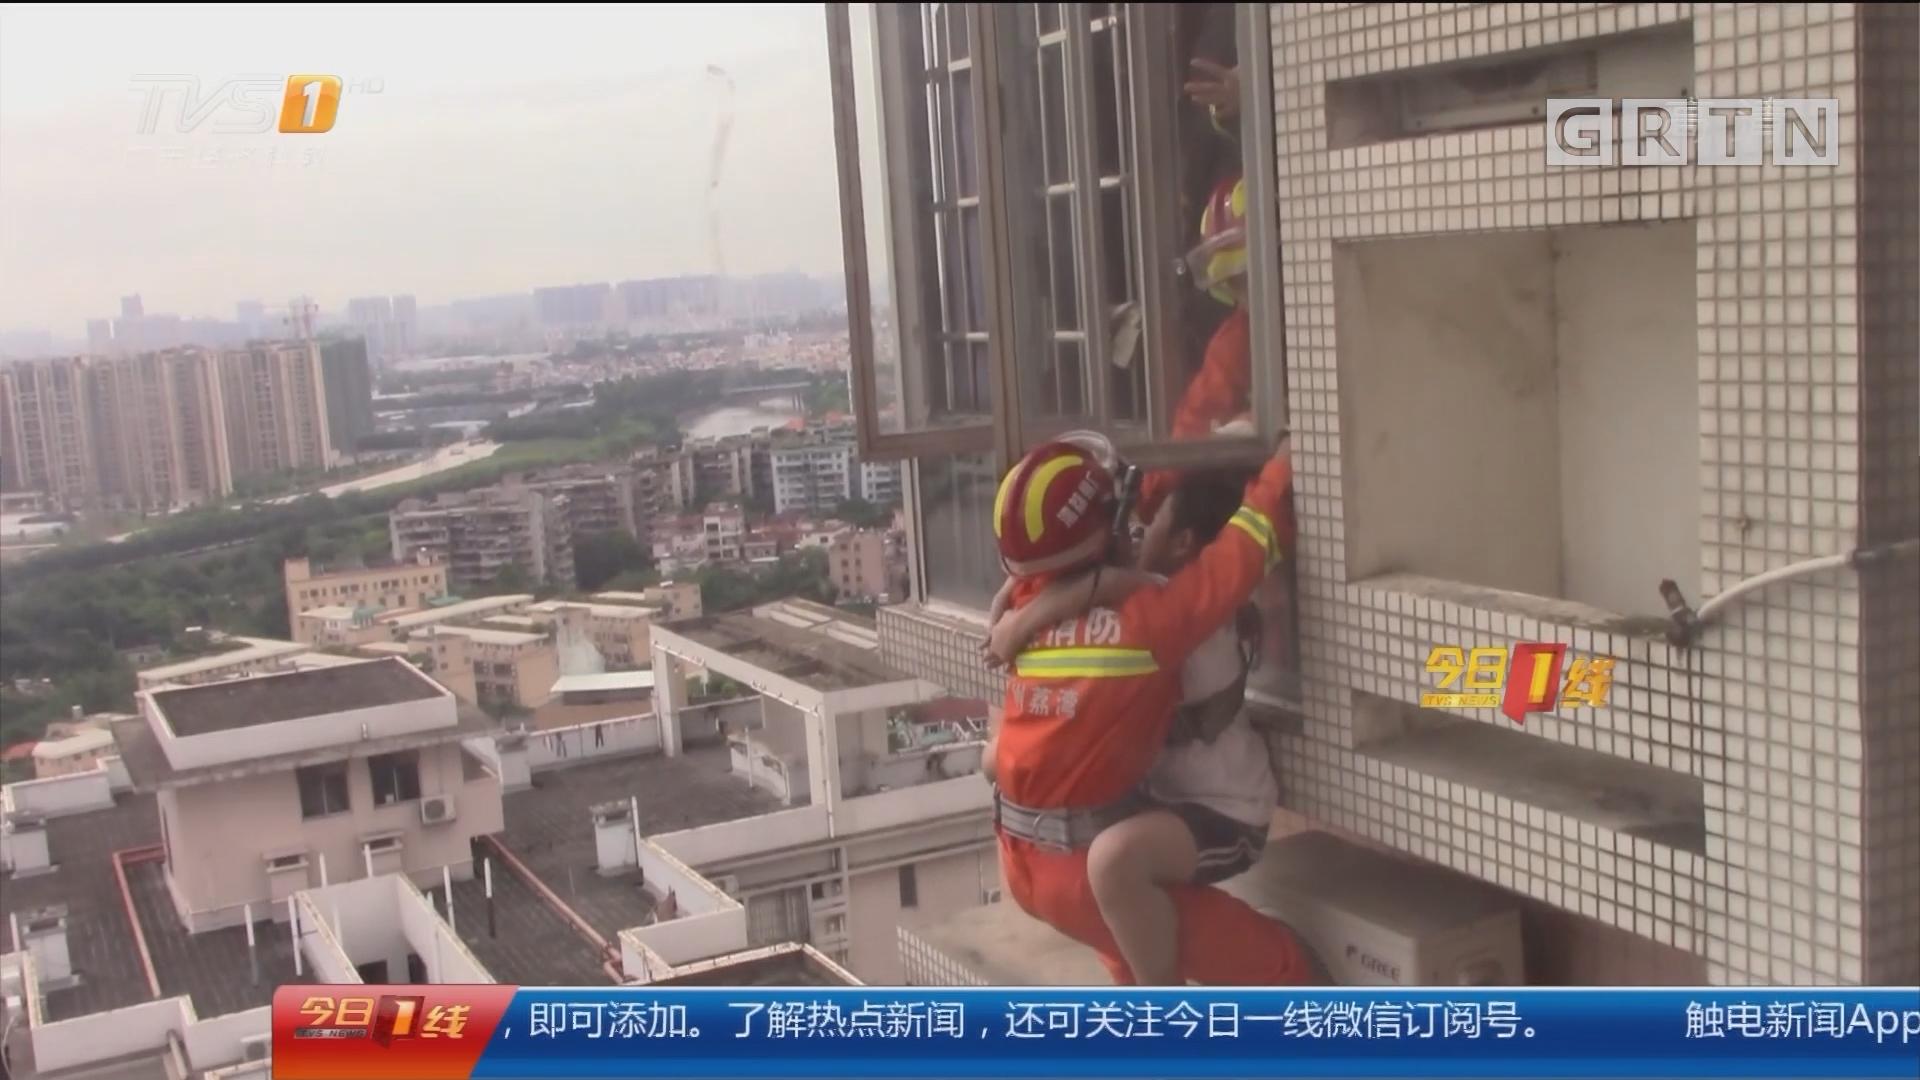 广州:男孩被困24楼空调架 消防紧急救援